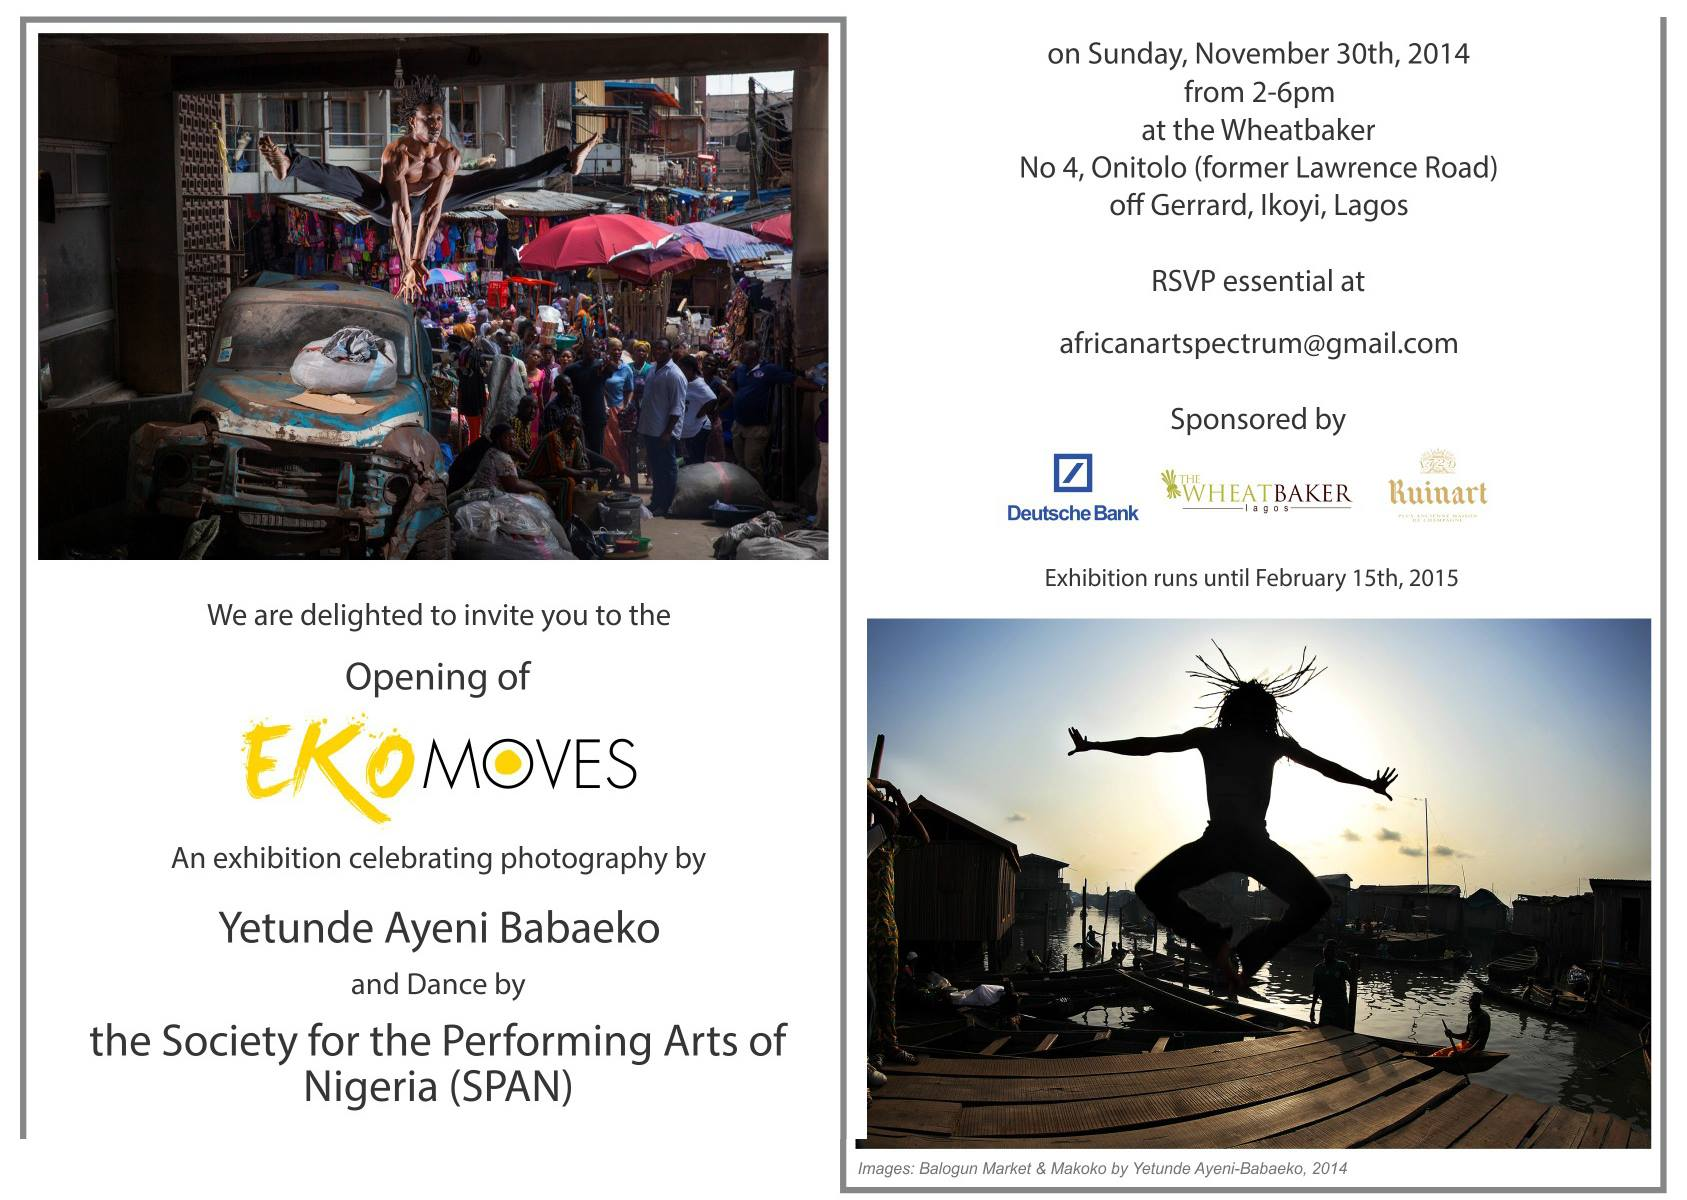 Upcoming Exhibition: Eko Moves by Yetunde Ayeni Babaeko